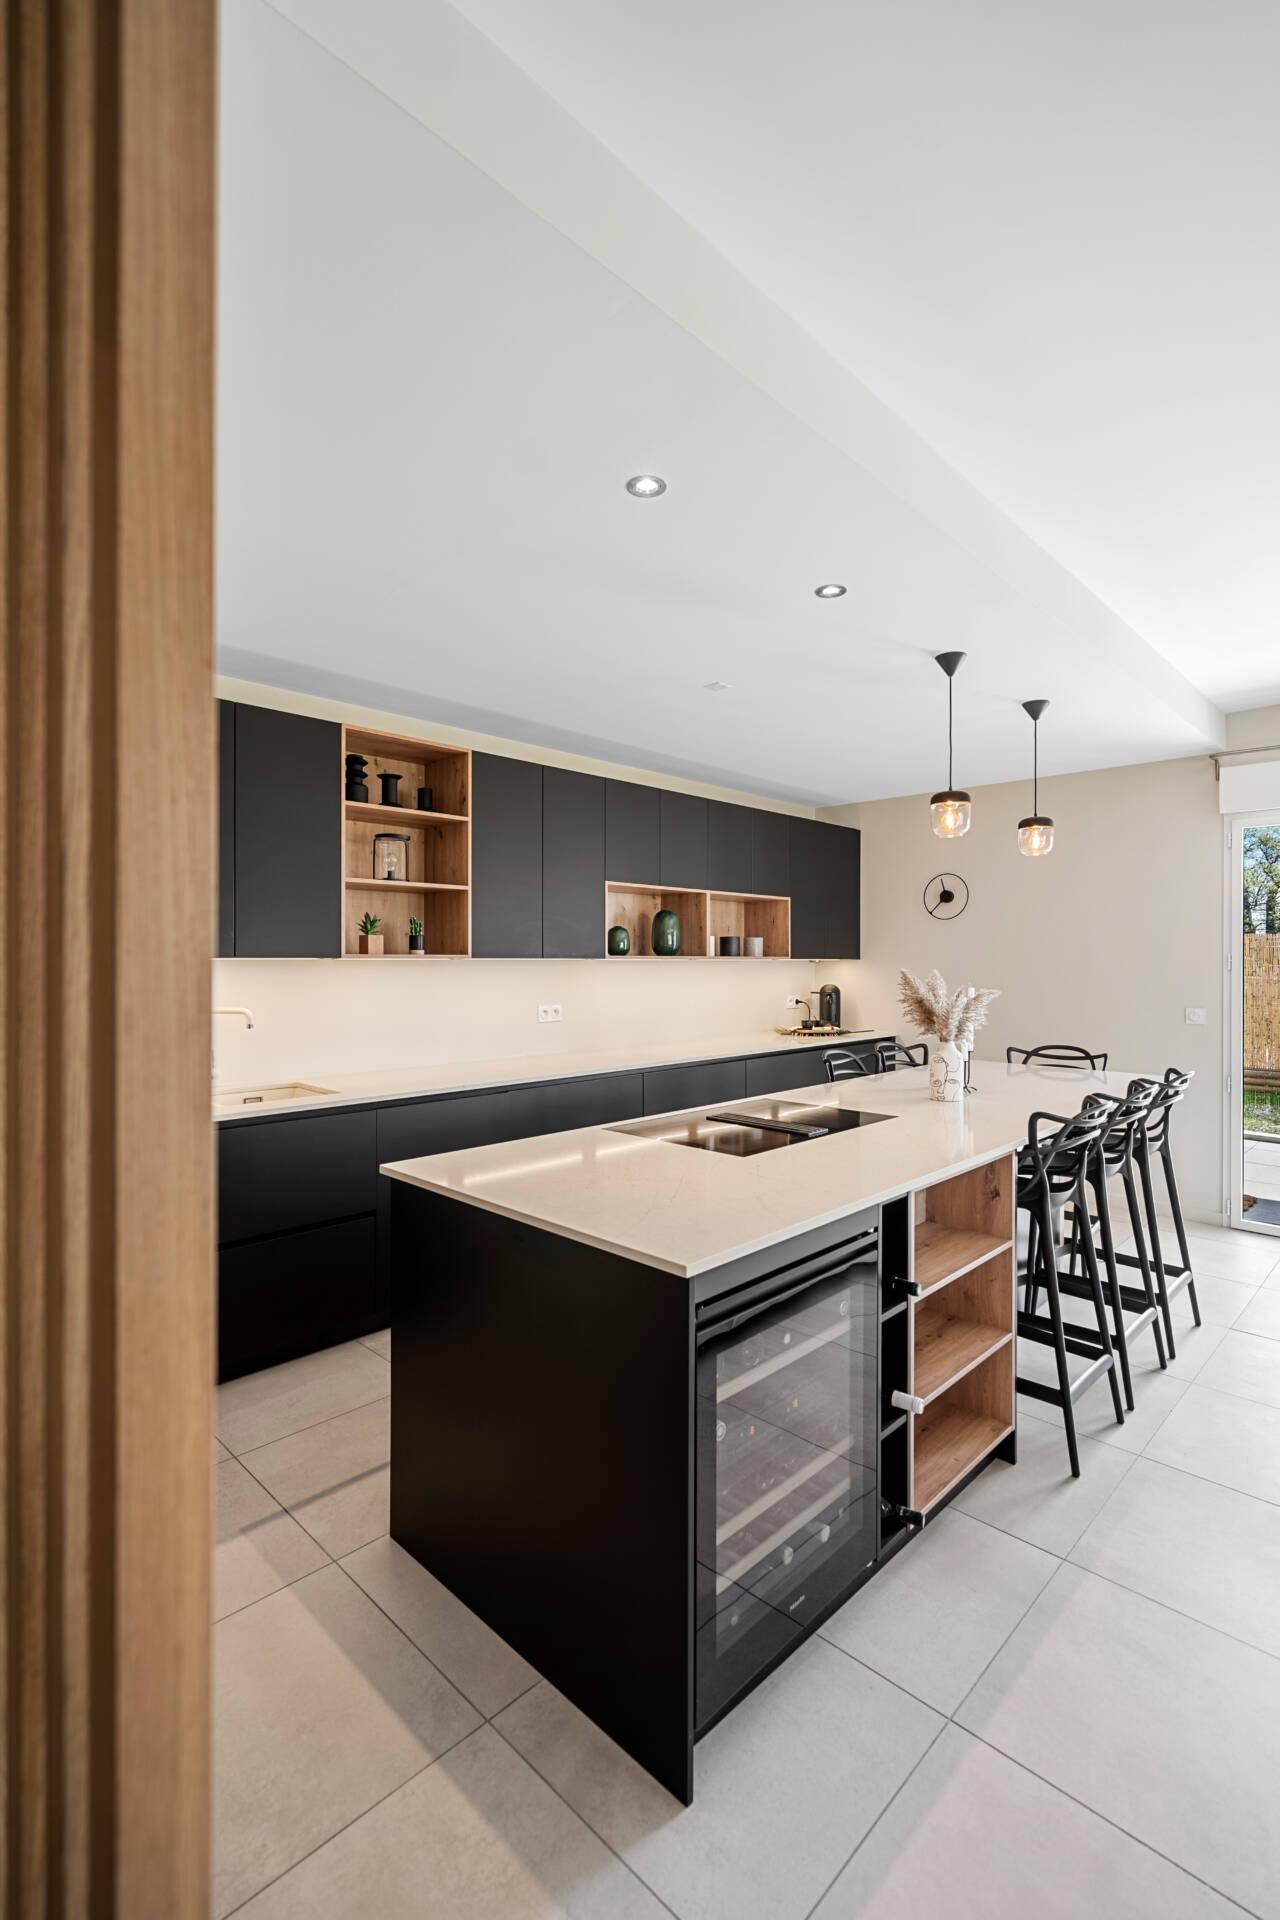 Décoration et agencement Appartement neuf Aix en Provence - Cuisine noire et bois avec îlot central et claustra, par Myll décors , Agence de décoration à Aix en Provence et dans le Var